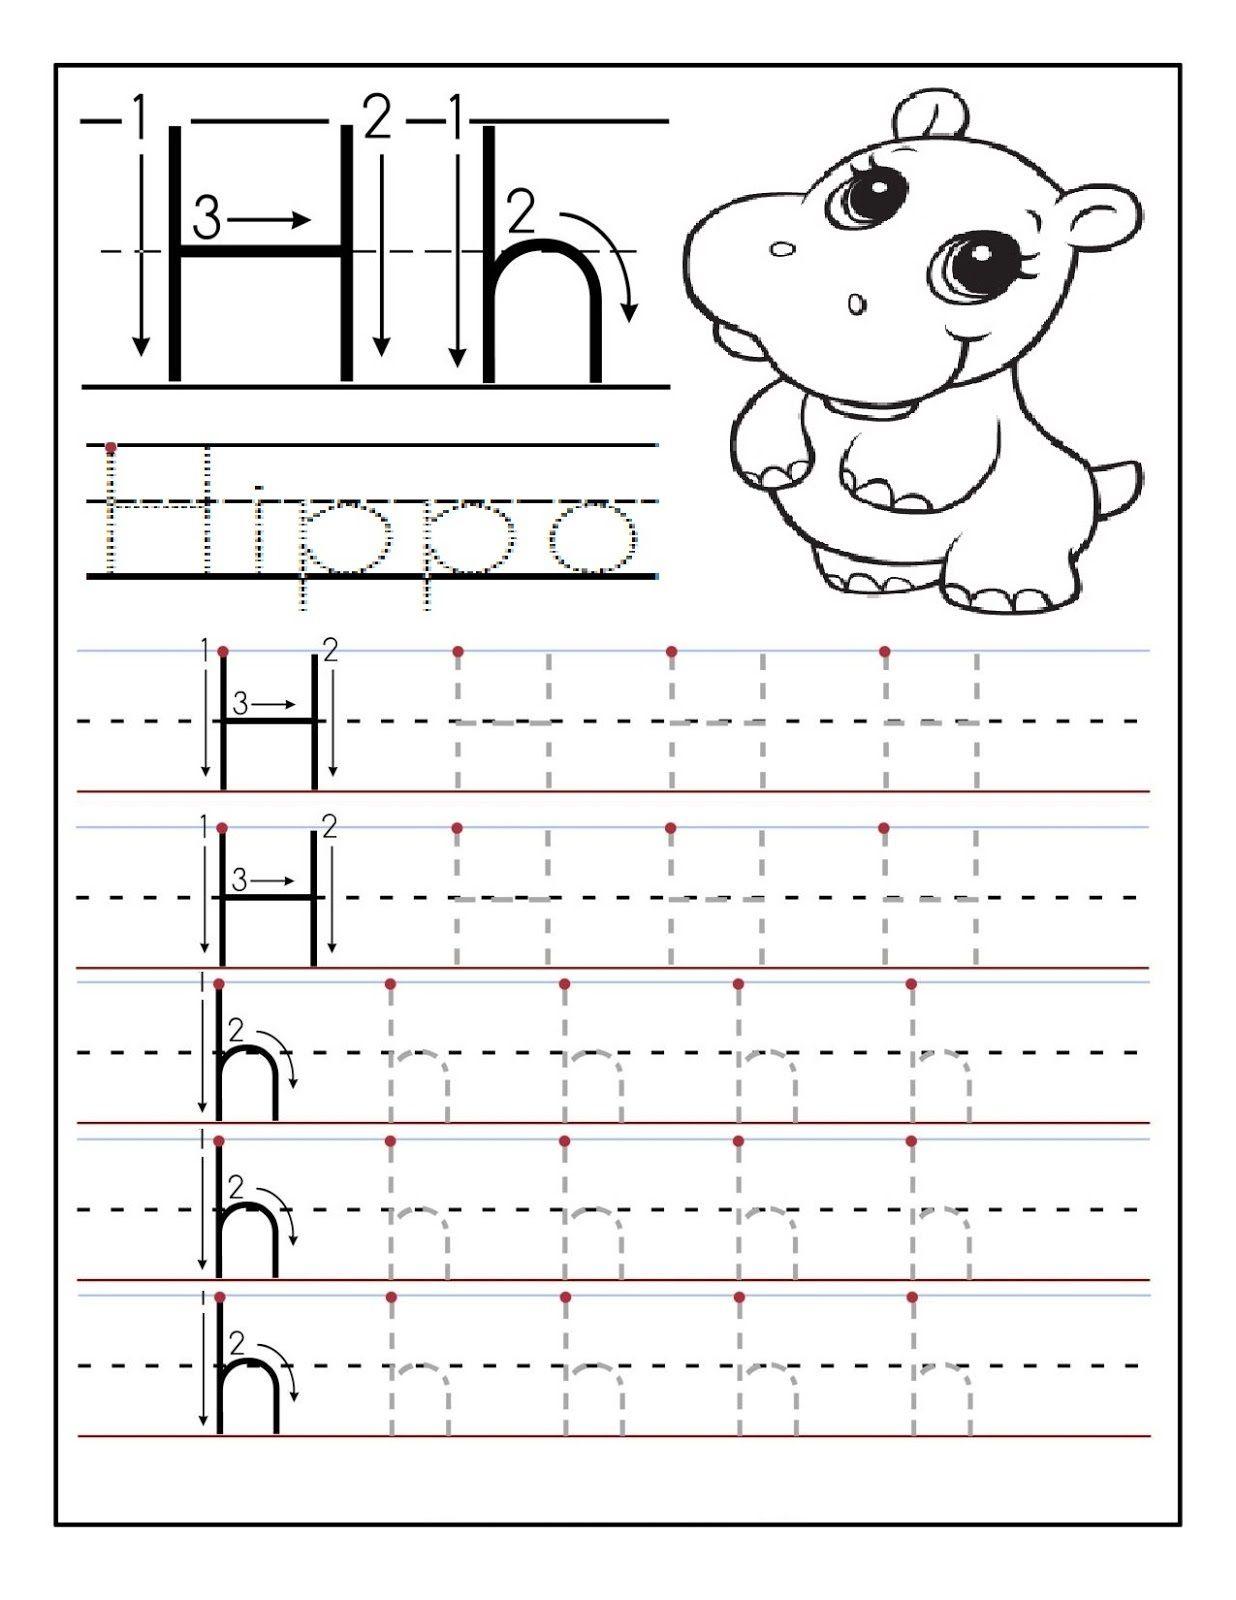 image result for letter h worksheets daycare ideas preschool writing preschool worksheets. Black Bedroom Furniture Sets. Home Design Ideas